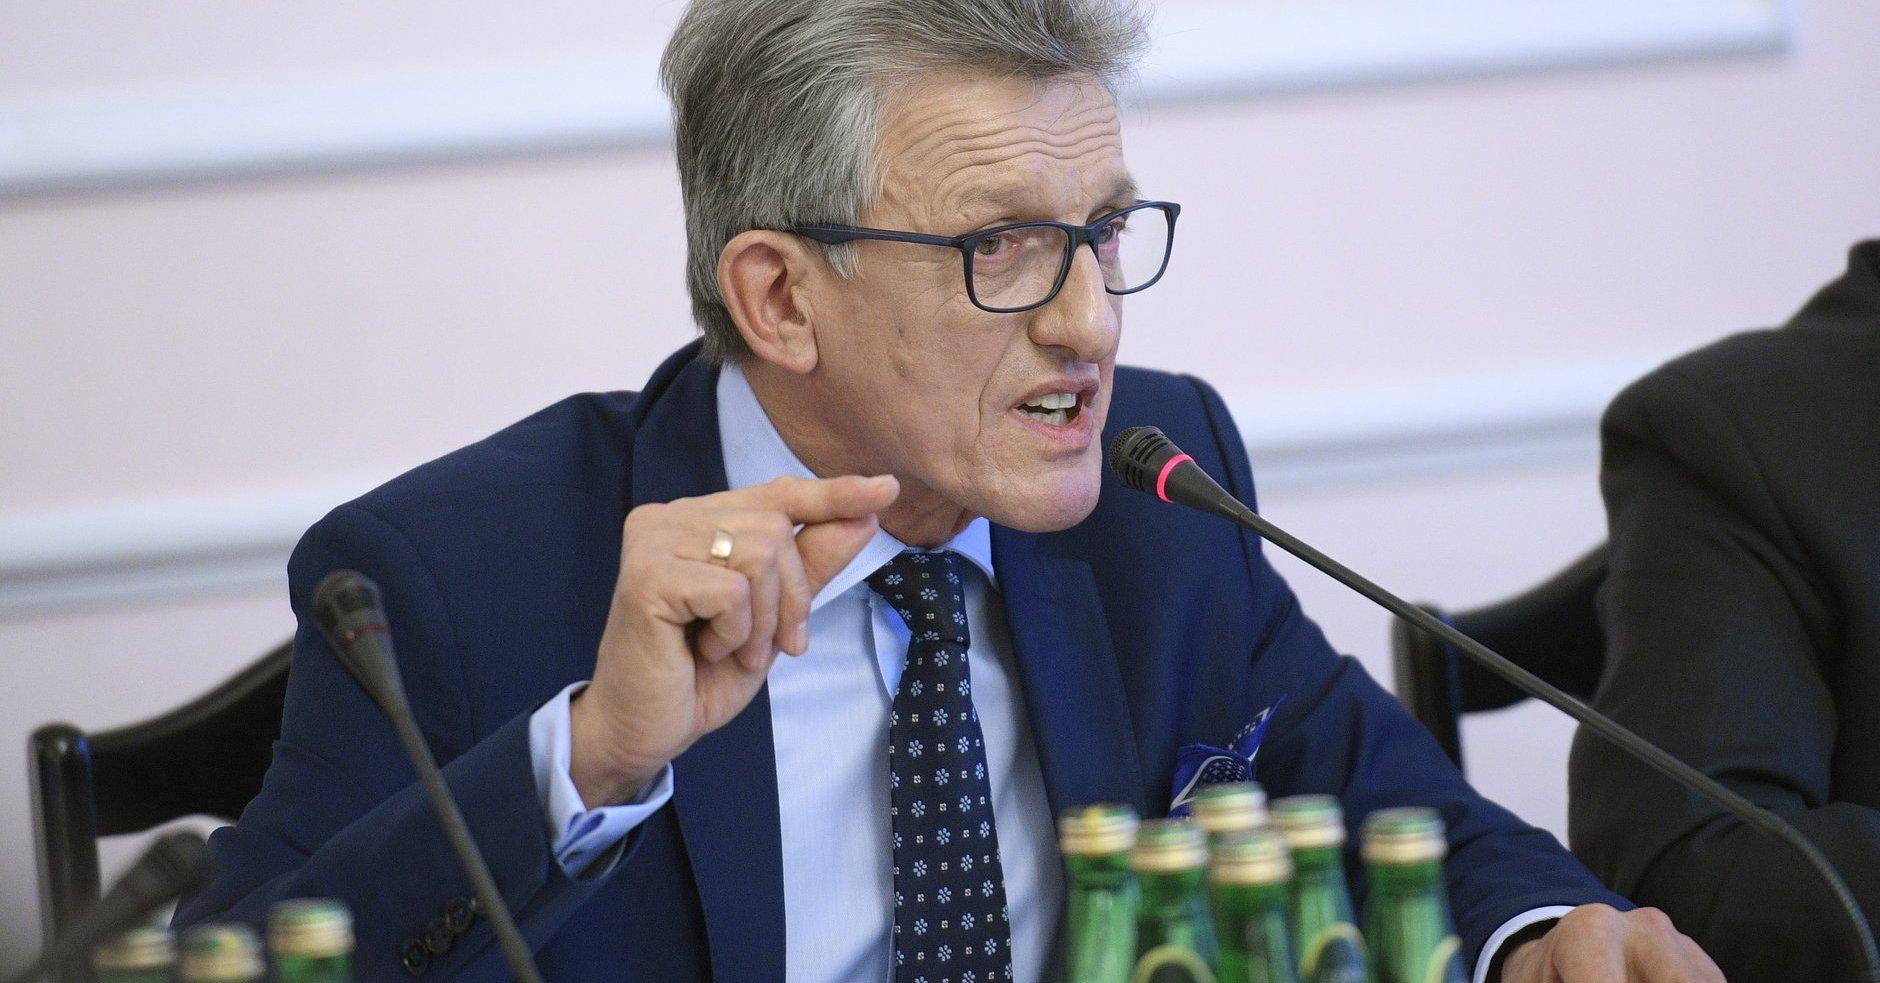 Sejmowa Komisja Sprawiedliwości i Praw Człowieka pracuje nad ustawą o SN. SZEROKA RELACJA